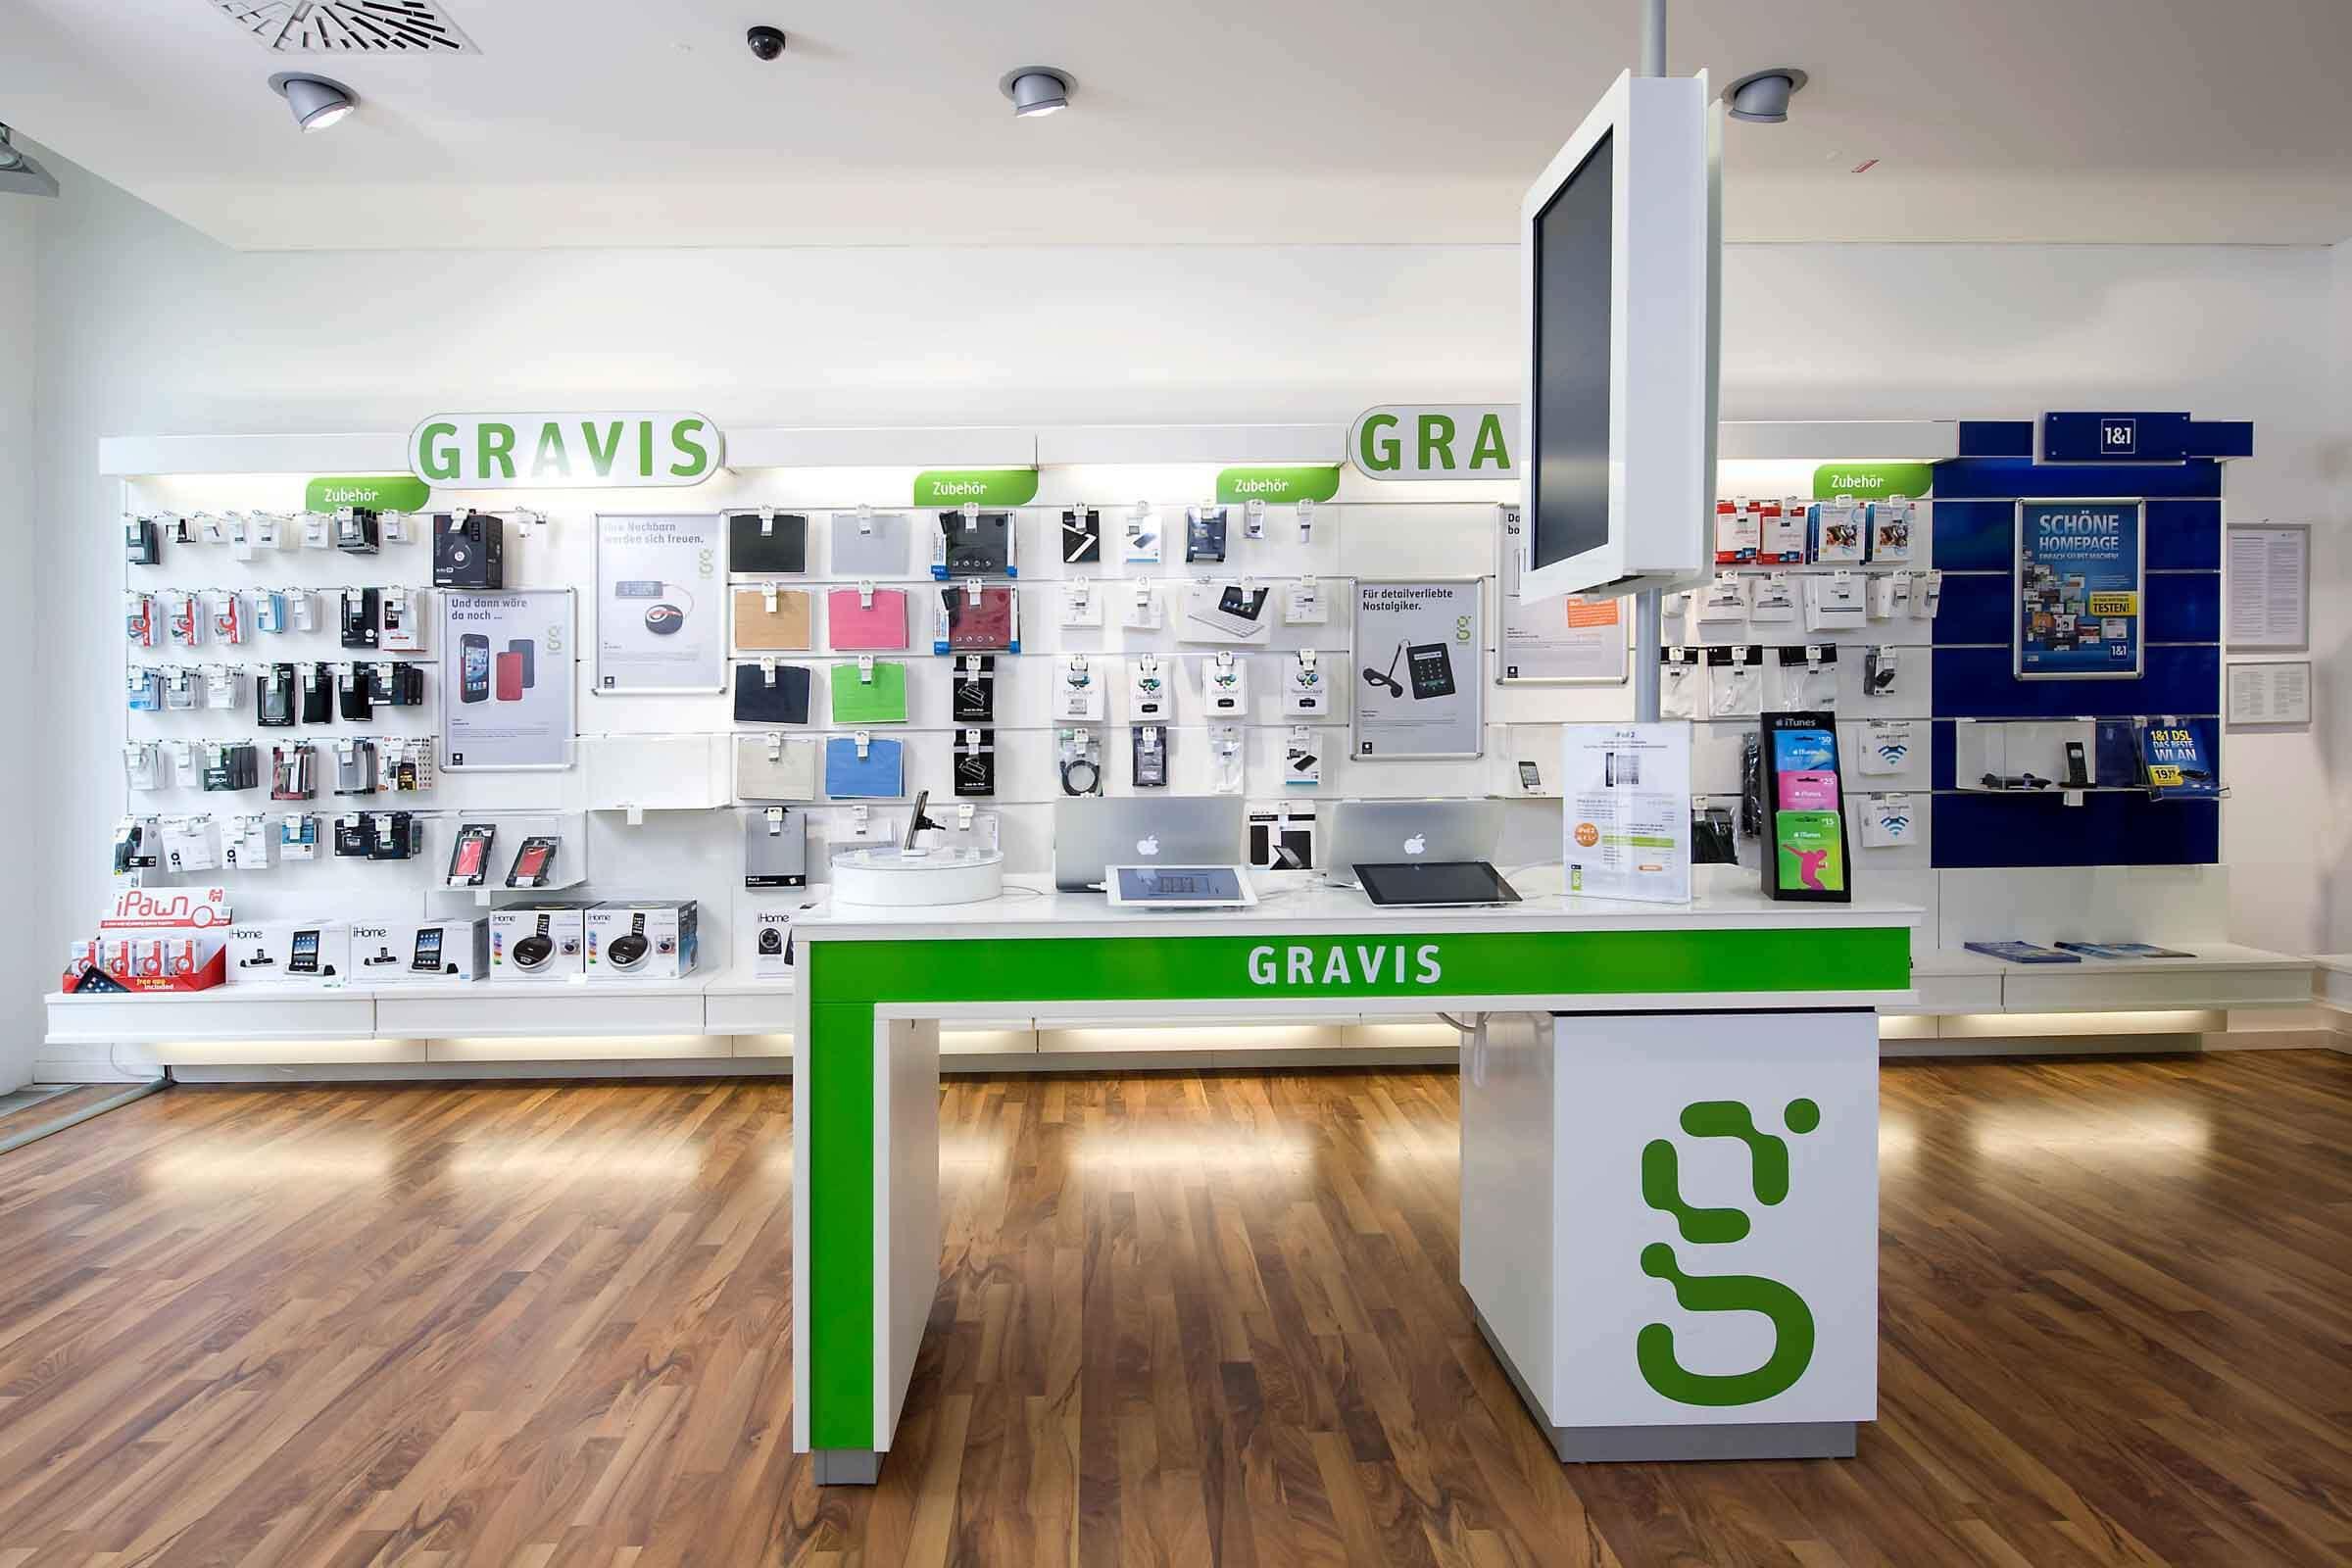 Verkaufsfläche in einem von Expomondo umgesetzten Gravis Shop